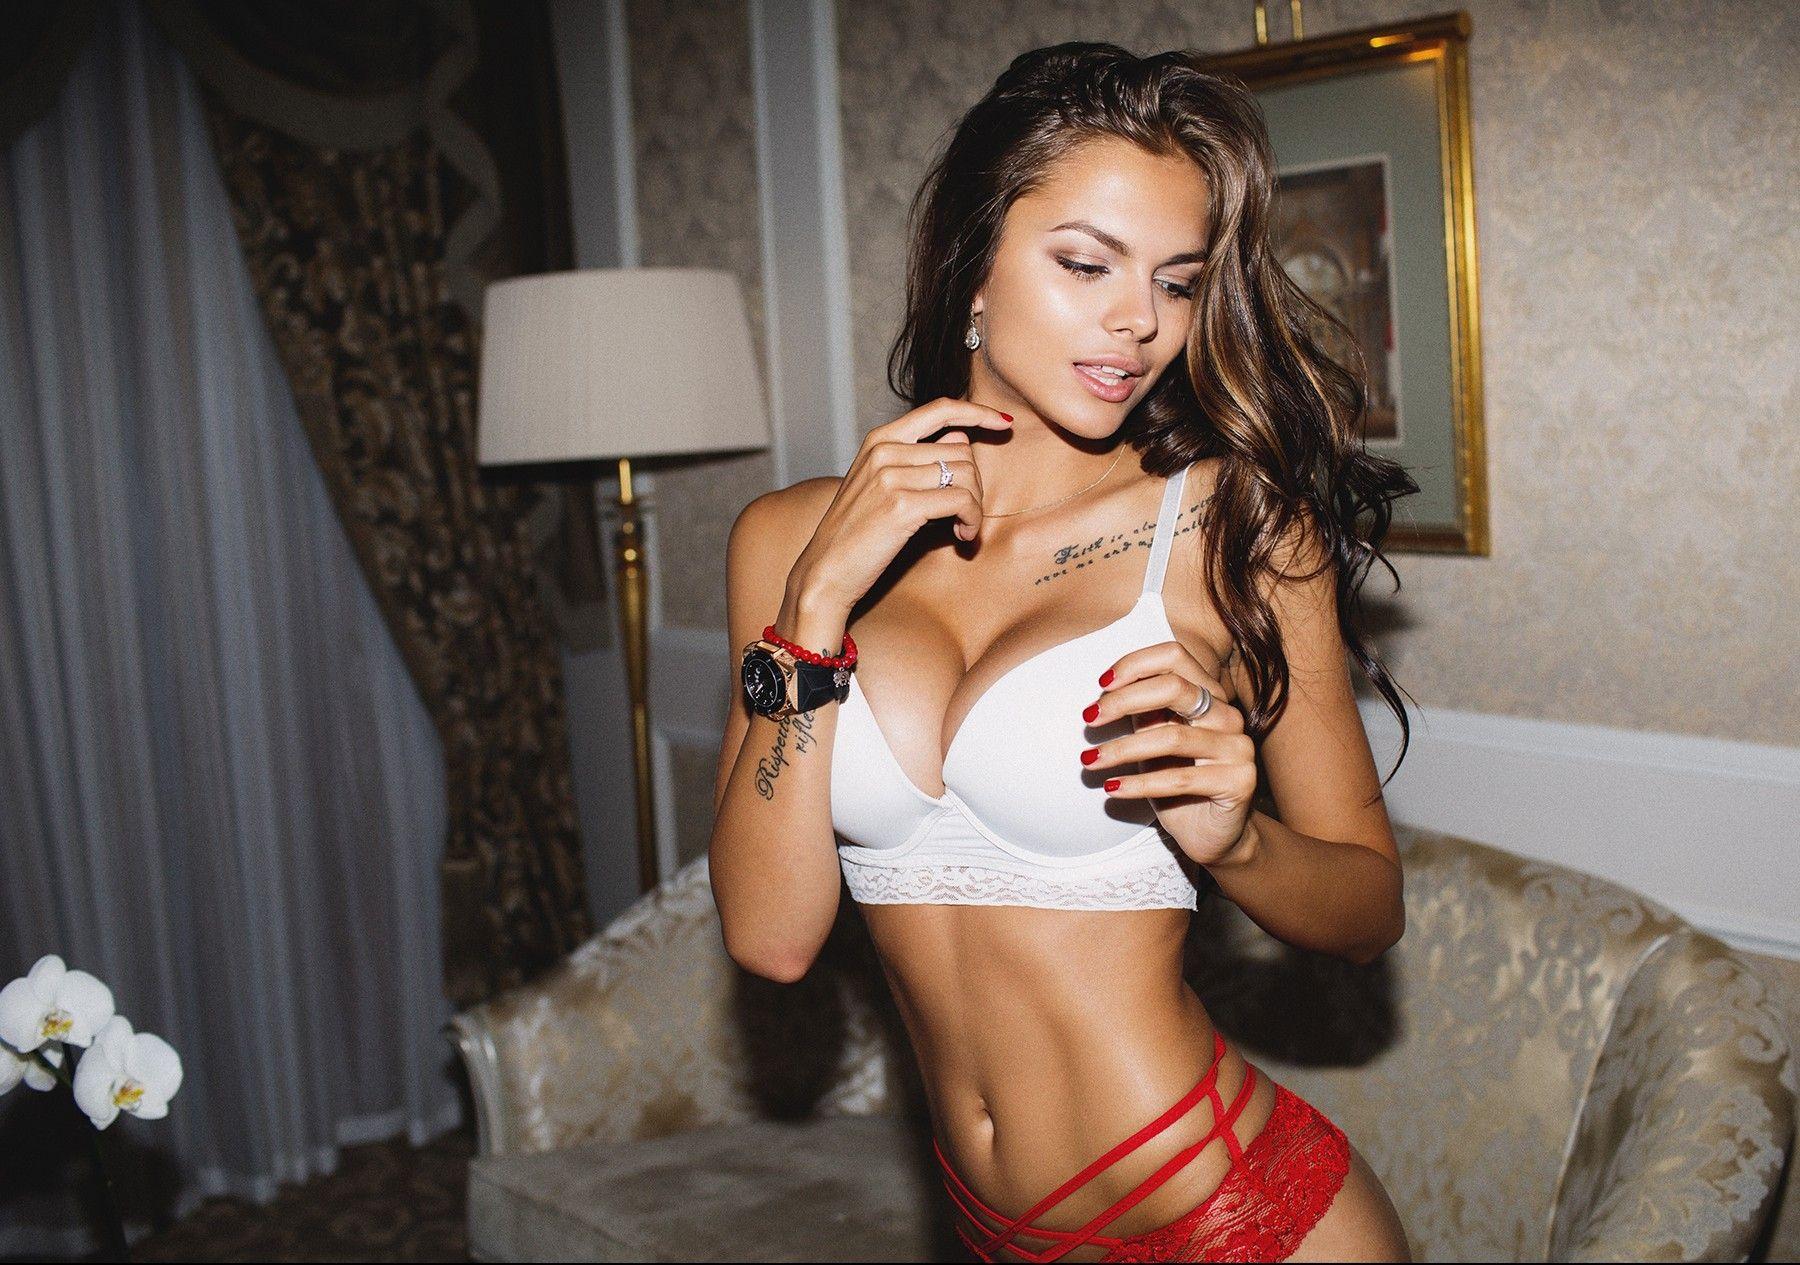 gif girl flashing nude